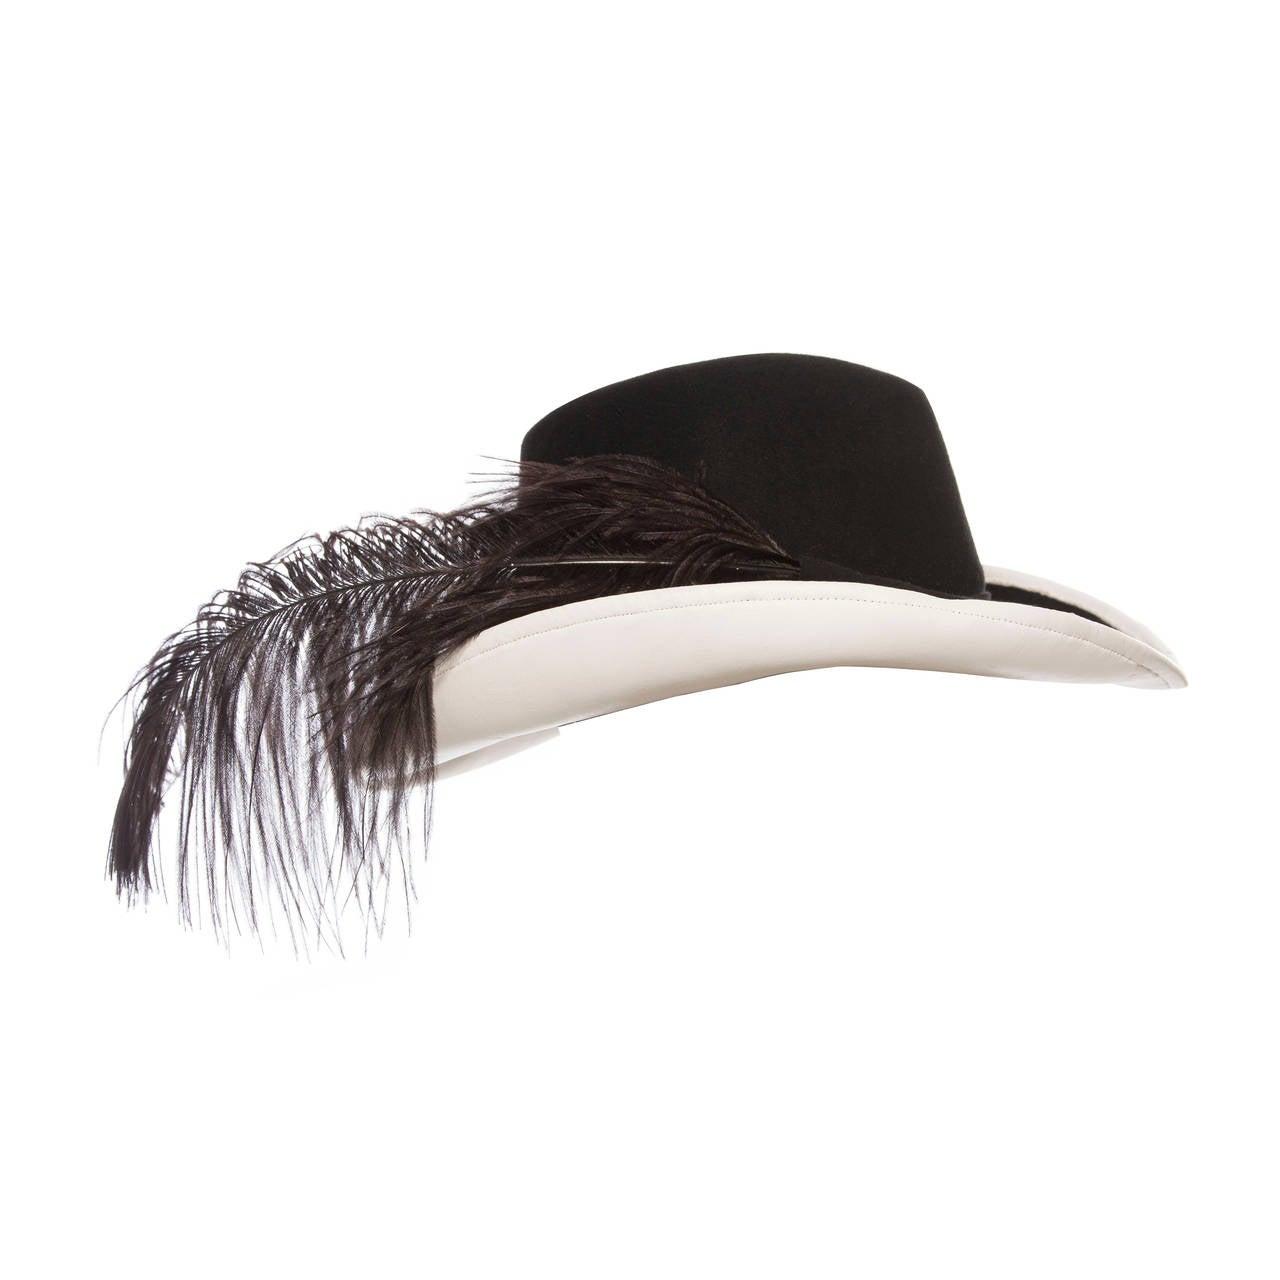 Adolfo Ii 1970s Wool Felt Hat At 1stdibs